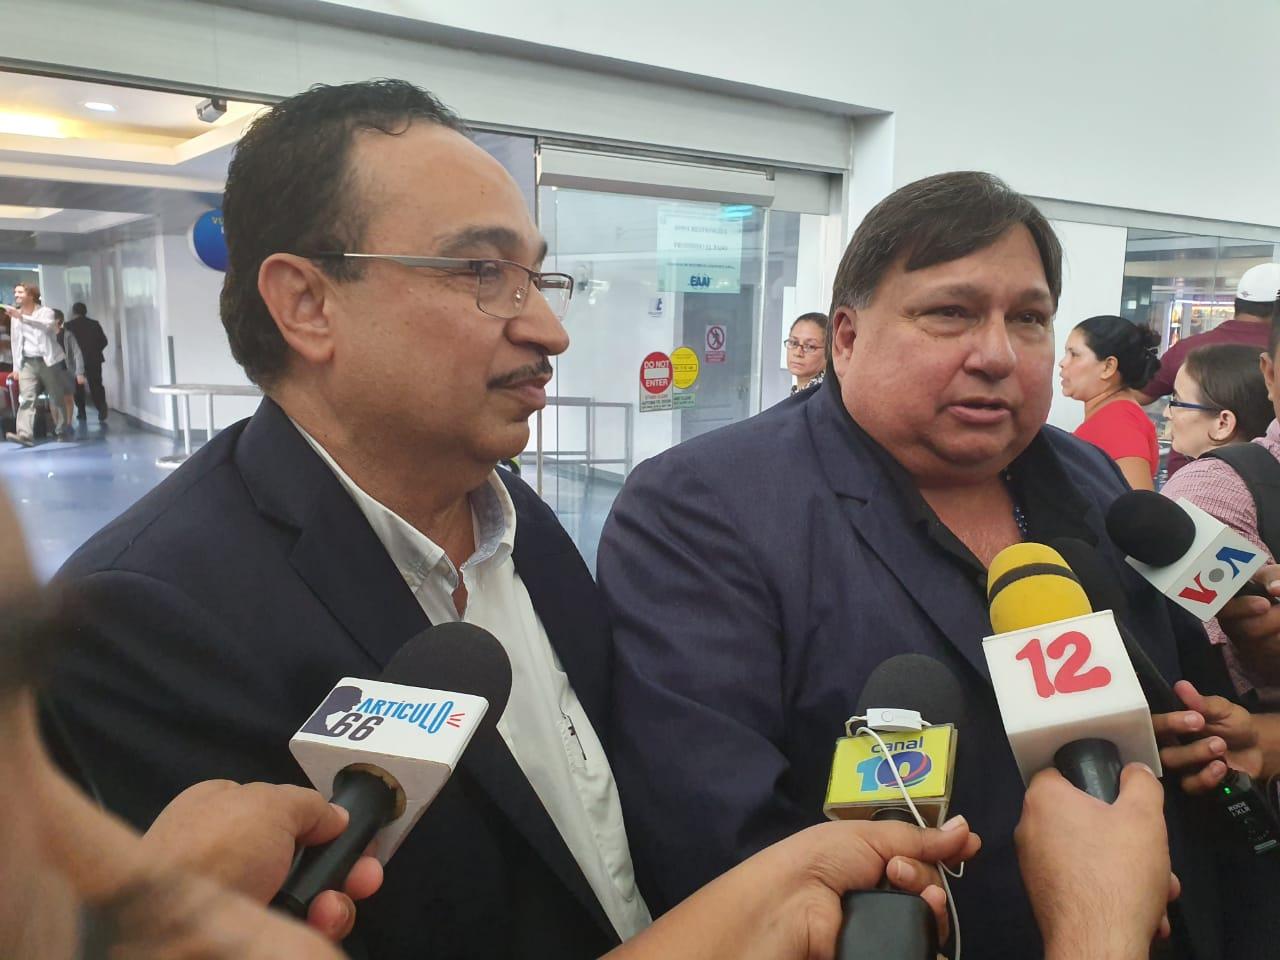 Jaime Arellano y Aníbal Toruño regresan a Nicaragua, tras nueve meses de exilio